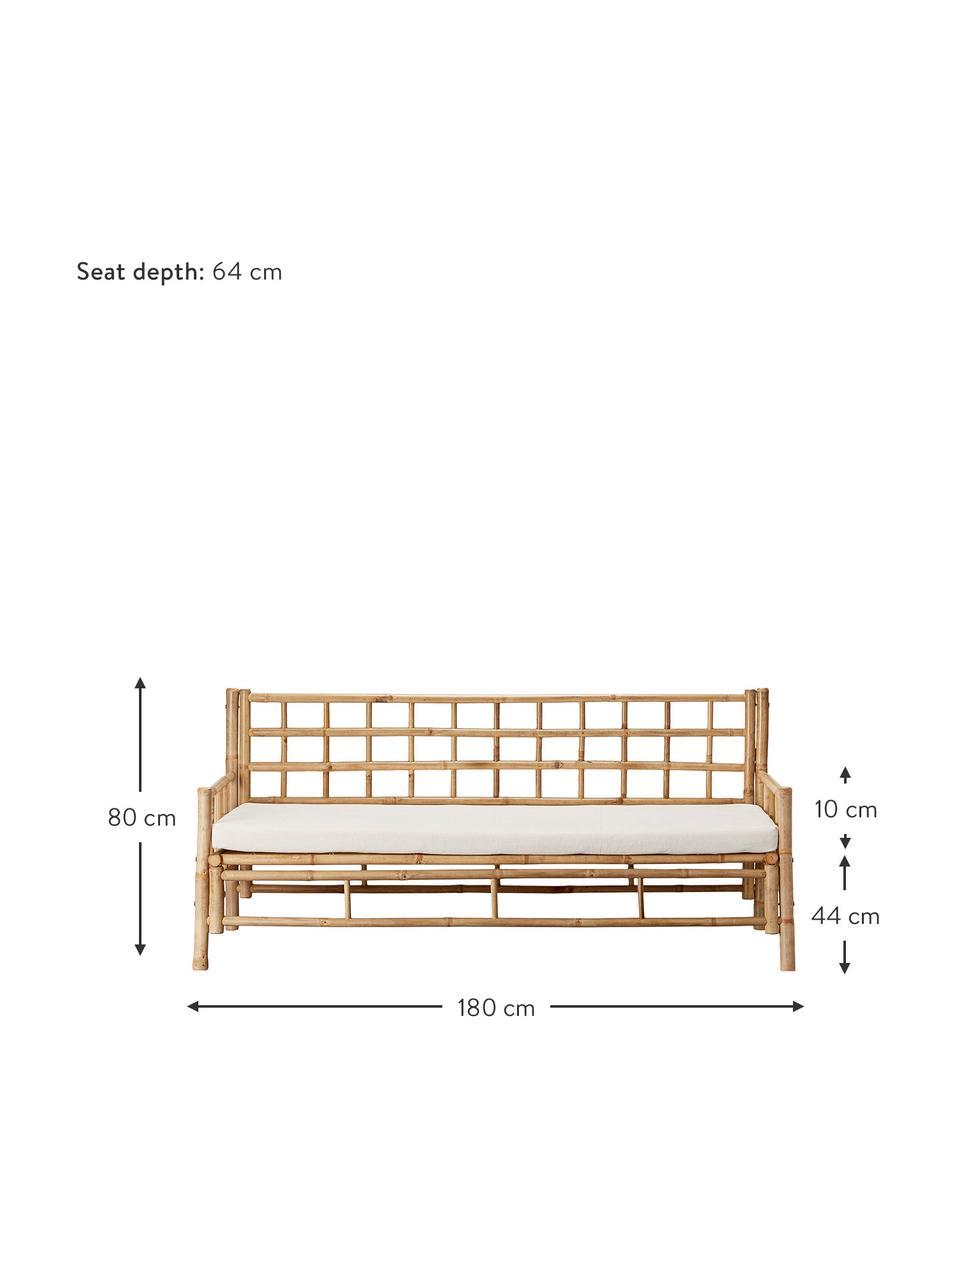 Bambus-Sofa Mandisa (3-Sitzer) mit Sitzpolster, Gestell: Bambus, unbehandelt, Bezug: Segeltuch, Bambus, Weiß, B 180 x T 70 cm